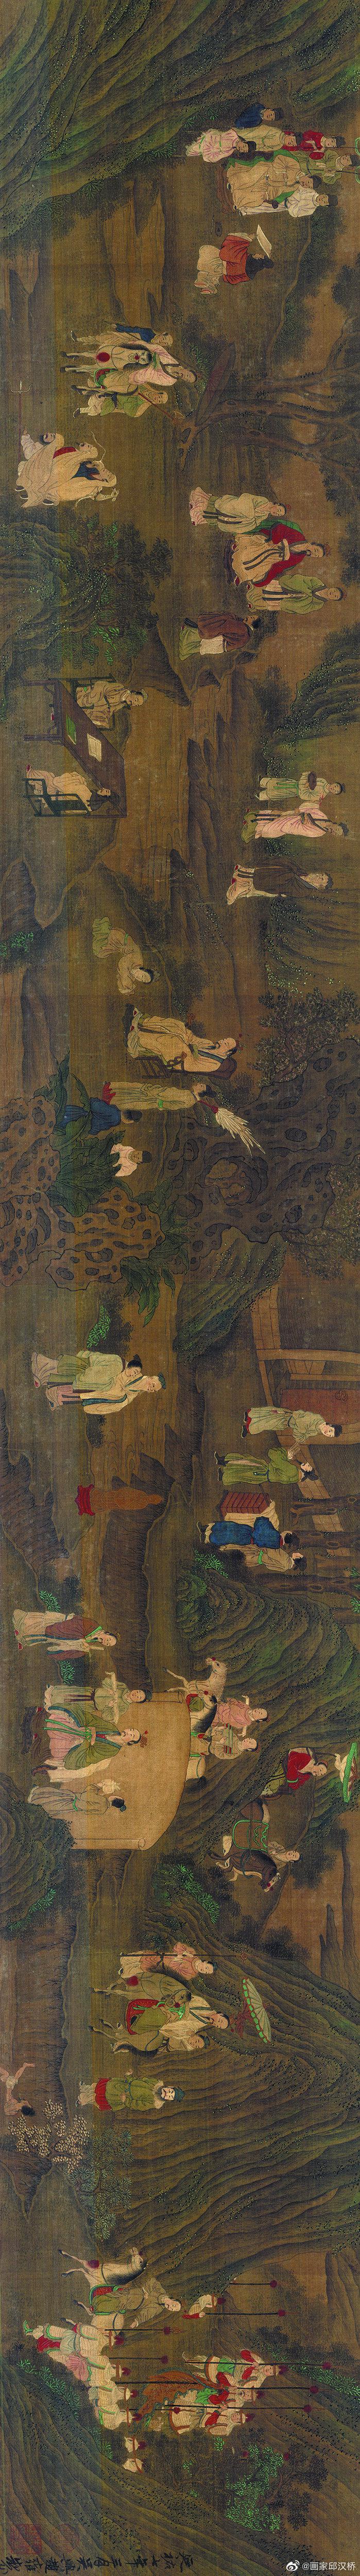 《先贤图卷》,元代,赵雍,纸本设色,纵29.3厘米……